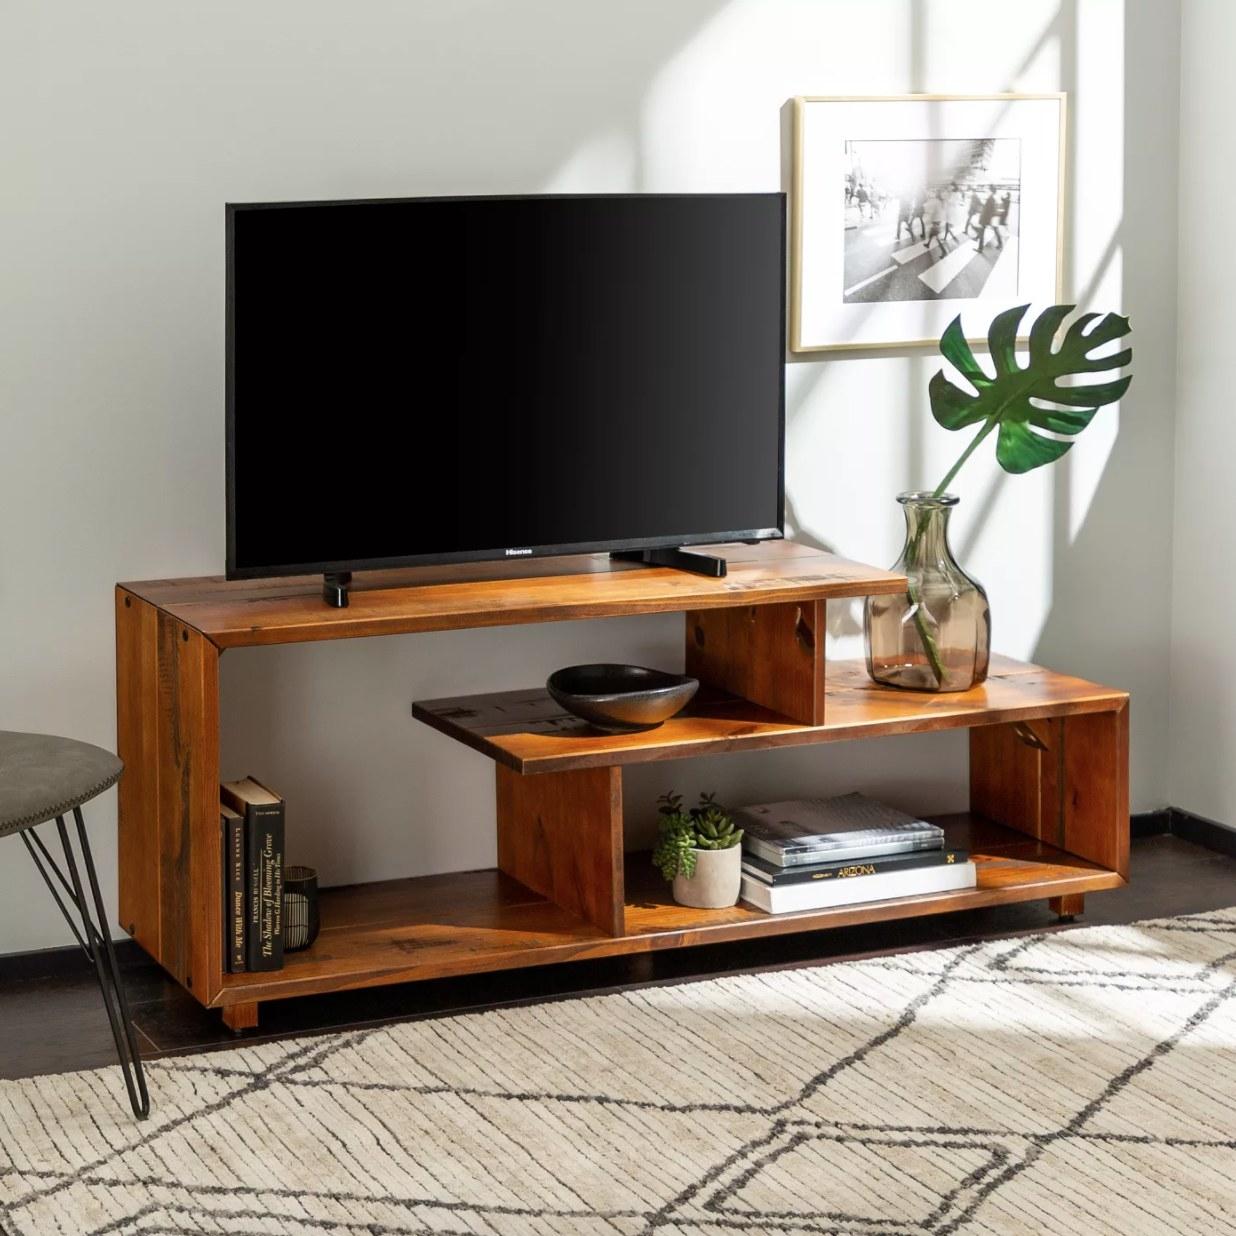 An open shelf wooden TV stand